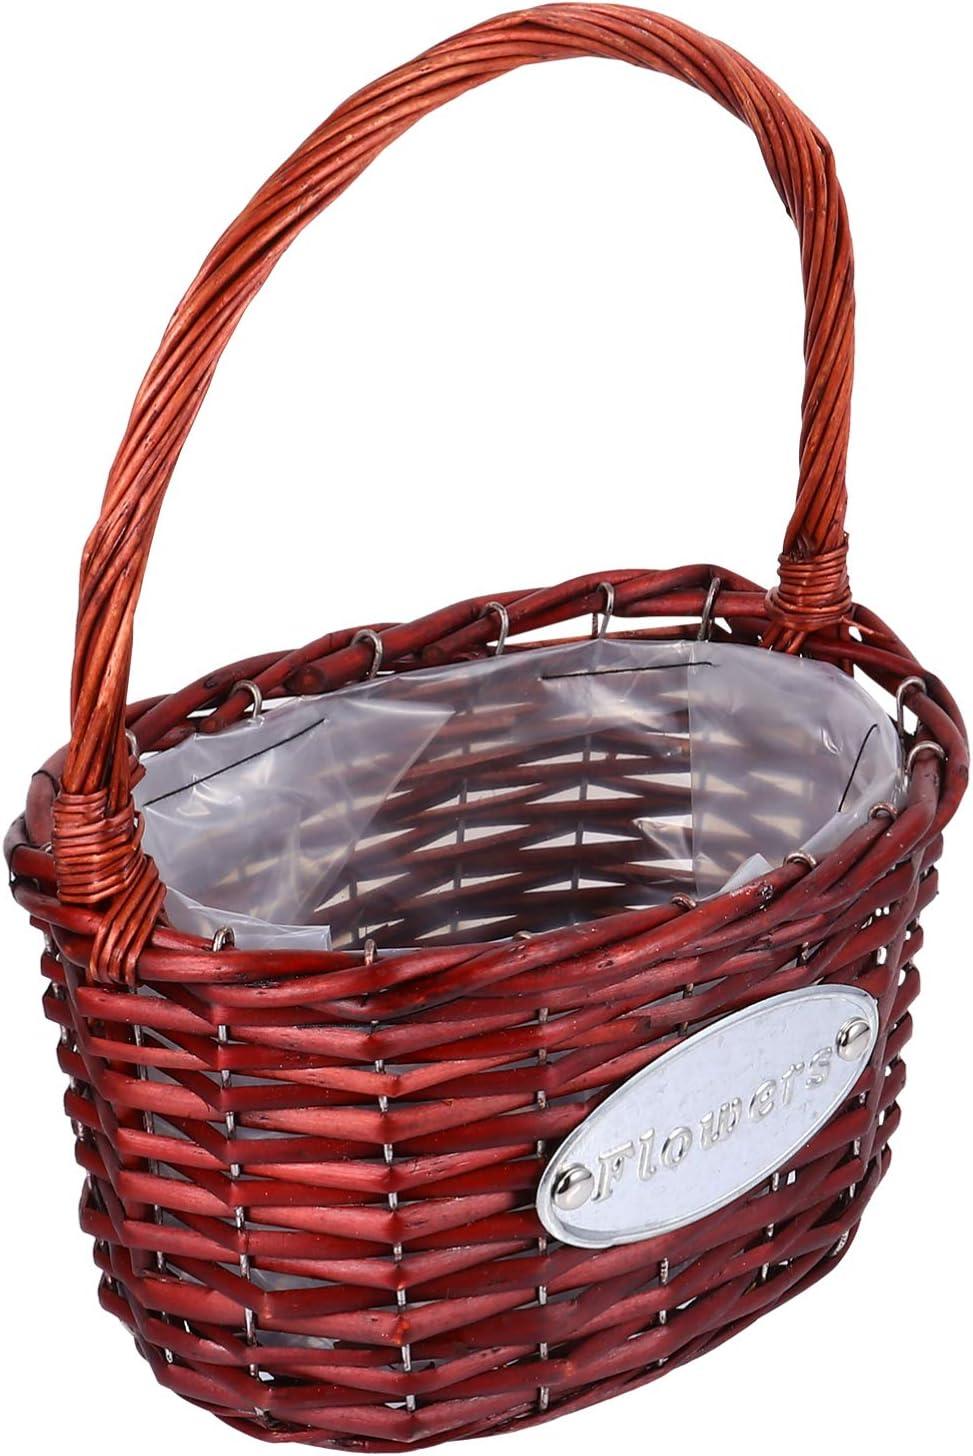 DOITOOL Wicker 55% OFF Flower Long-awaited Girl Basket Seagrass Plant G Rattan